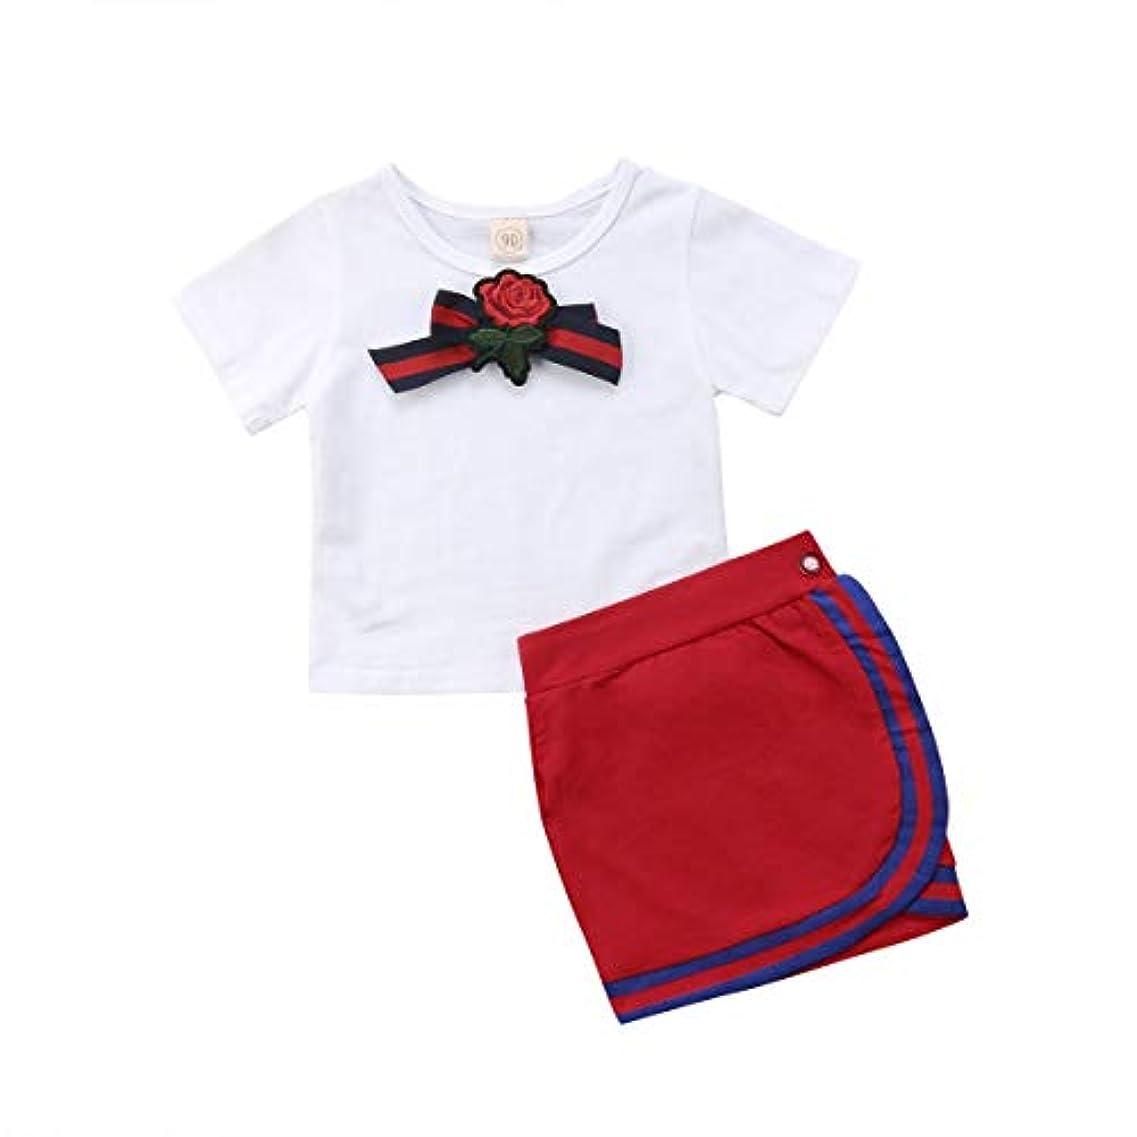 埋める埋める順応性Onderroa - 女子制服新生児キッズベビー は蝶の花タイのTシャツショートミニスカートパーティーウェディングチュチュドレストップス設定します。